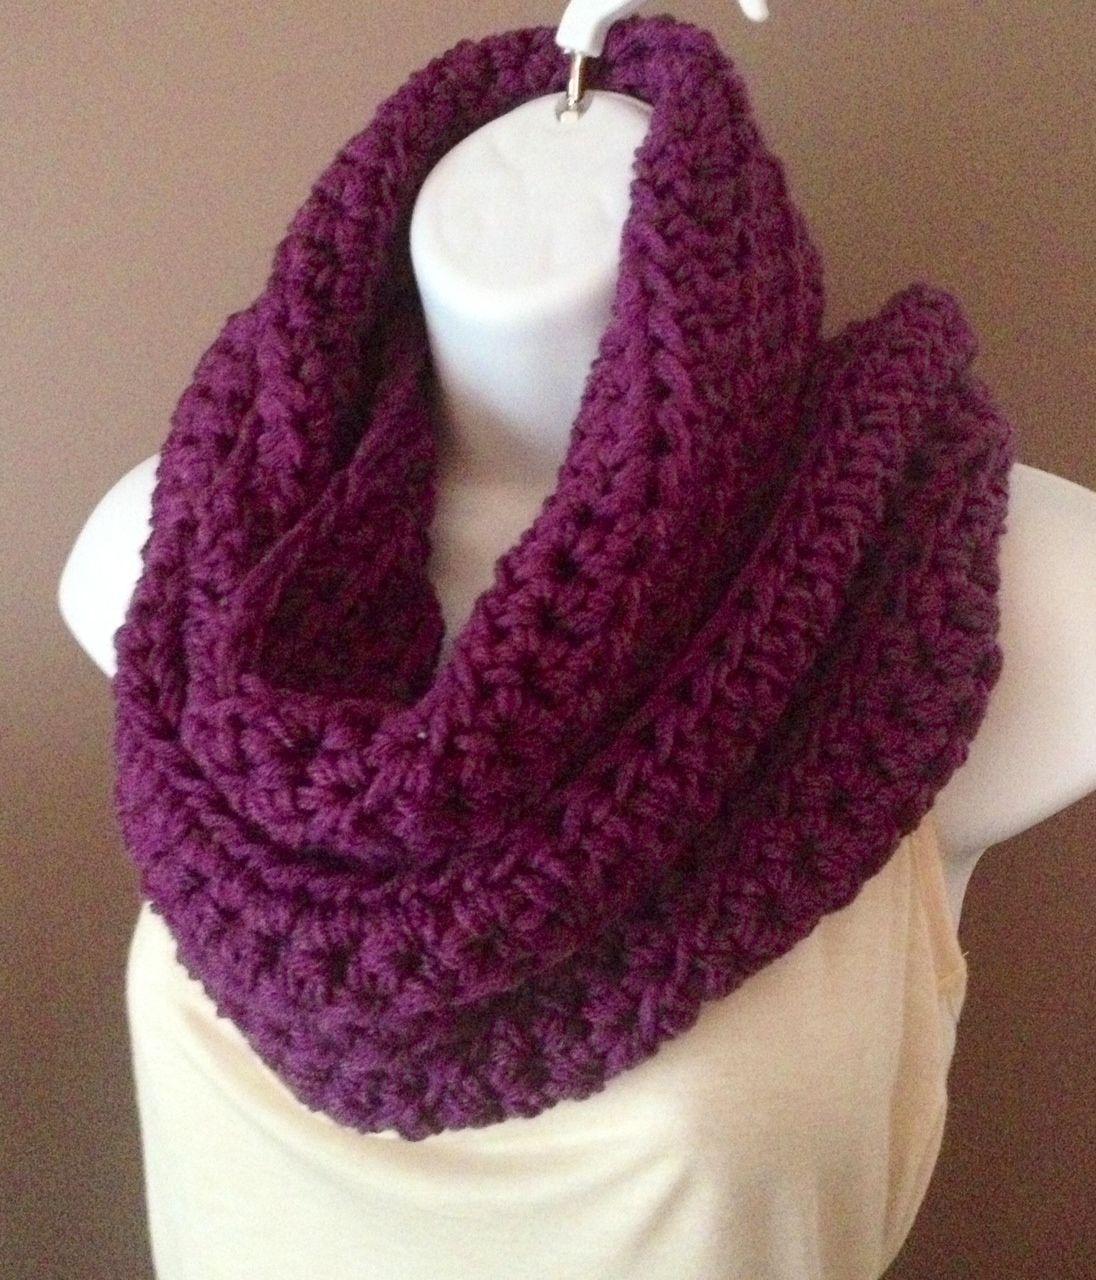 Crochet Infinity Scarf | Crafts | Pinterest | Schals und Häkeln